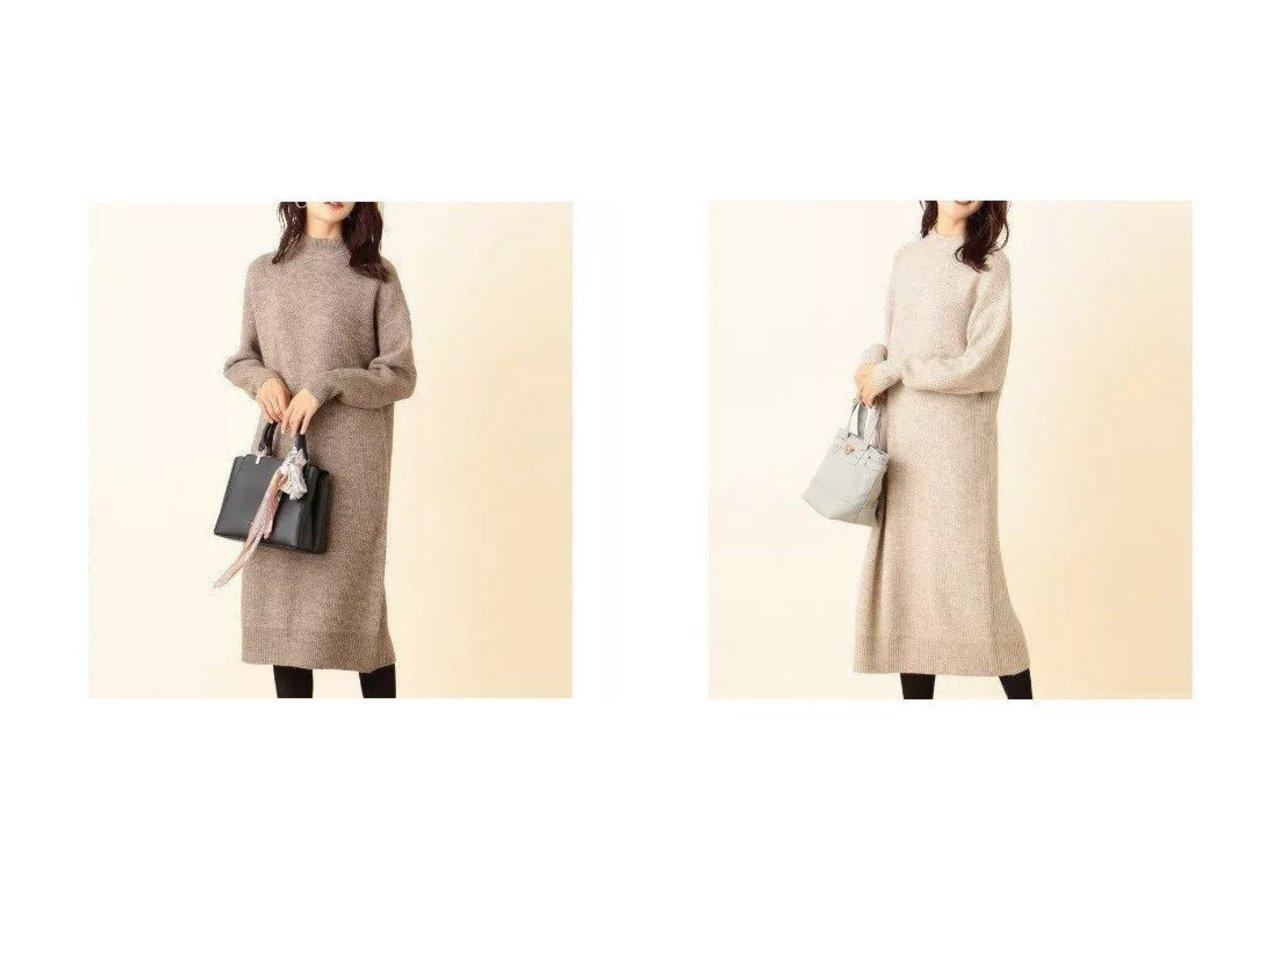 【any SiS/エニィ スィス】の【洗える】アウトリンキングバックスリット ワンピース ワンピース・ドレスのおすすめ!人気、トレンド・レディースファッションの通販 おすすめファッション通販アイテム インテリア・キッズ・メンズ・レディースファッション・服の通販 founy(ファニー)  ファッション Fashion レディースファッション WOMEN ワンピース Dress ニットワンピース Knit Dresses スリット トレンド ハイネック プリーツ 洗える グレー系 Gray ベージュ系 Beige |ID:crp329100000012526